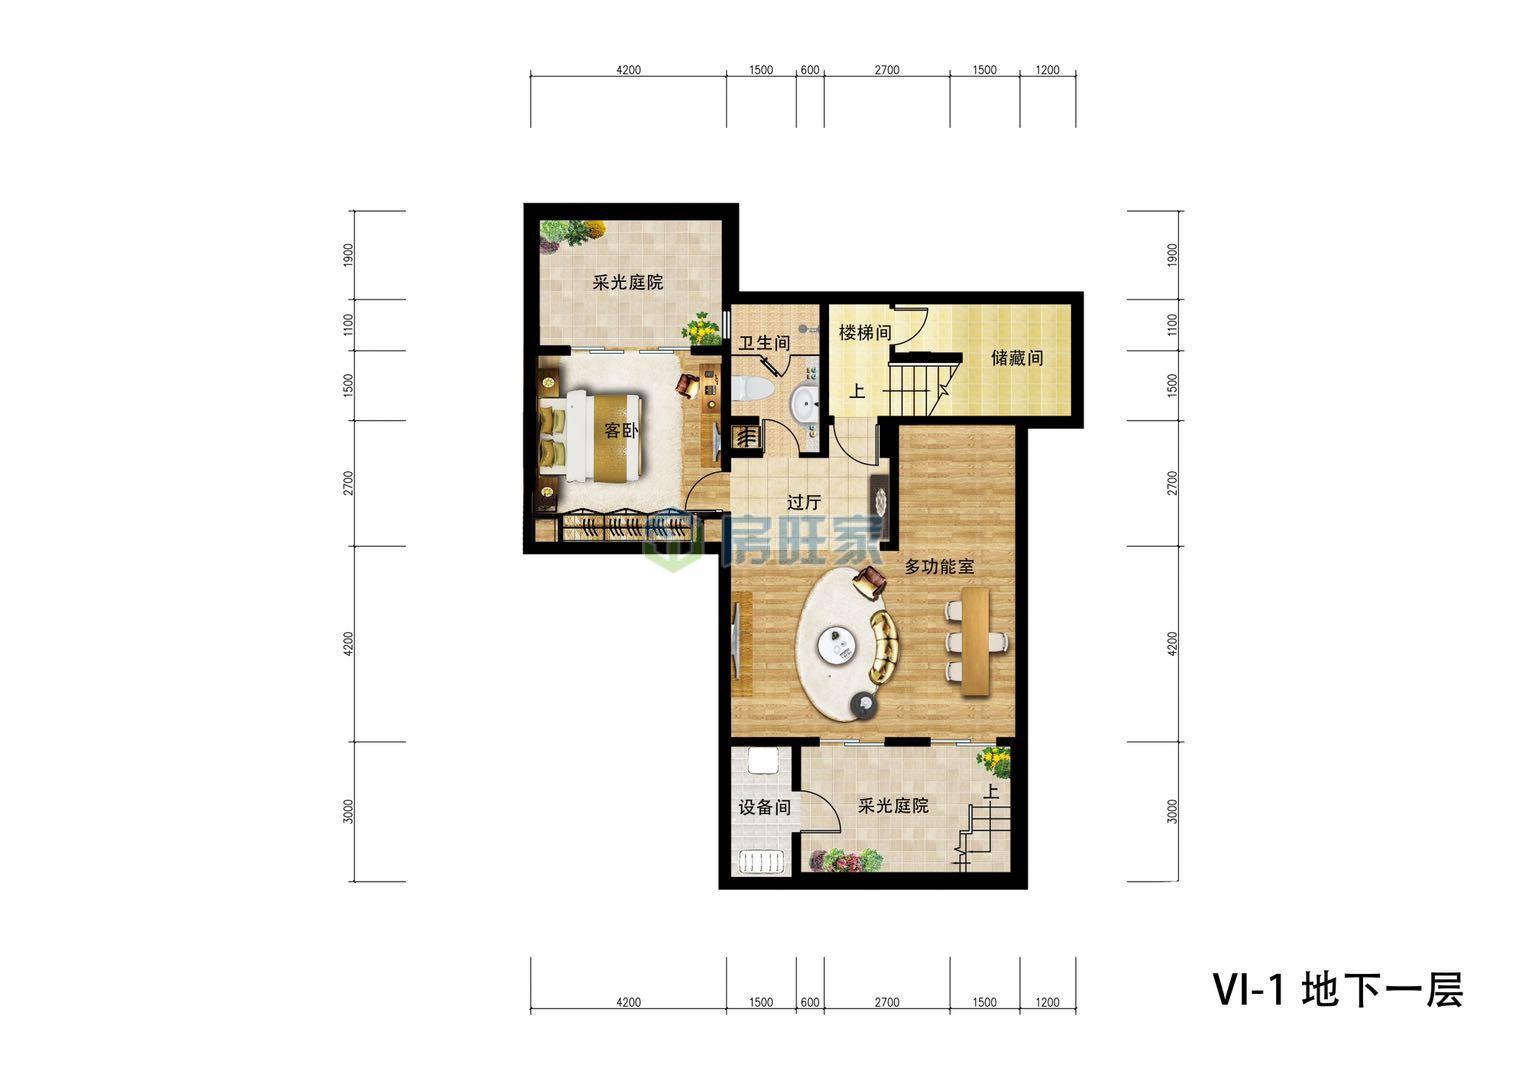 金泰南燕湾别墅VI-I户型 地下一层平面图